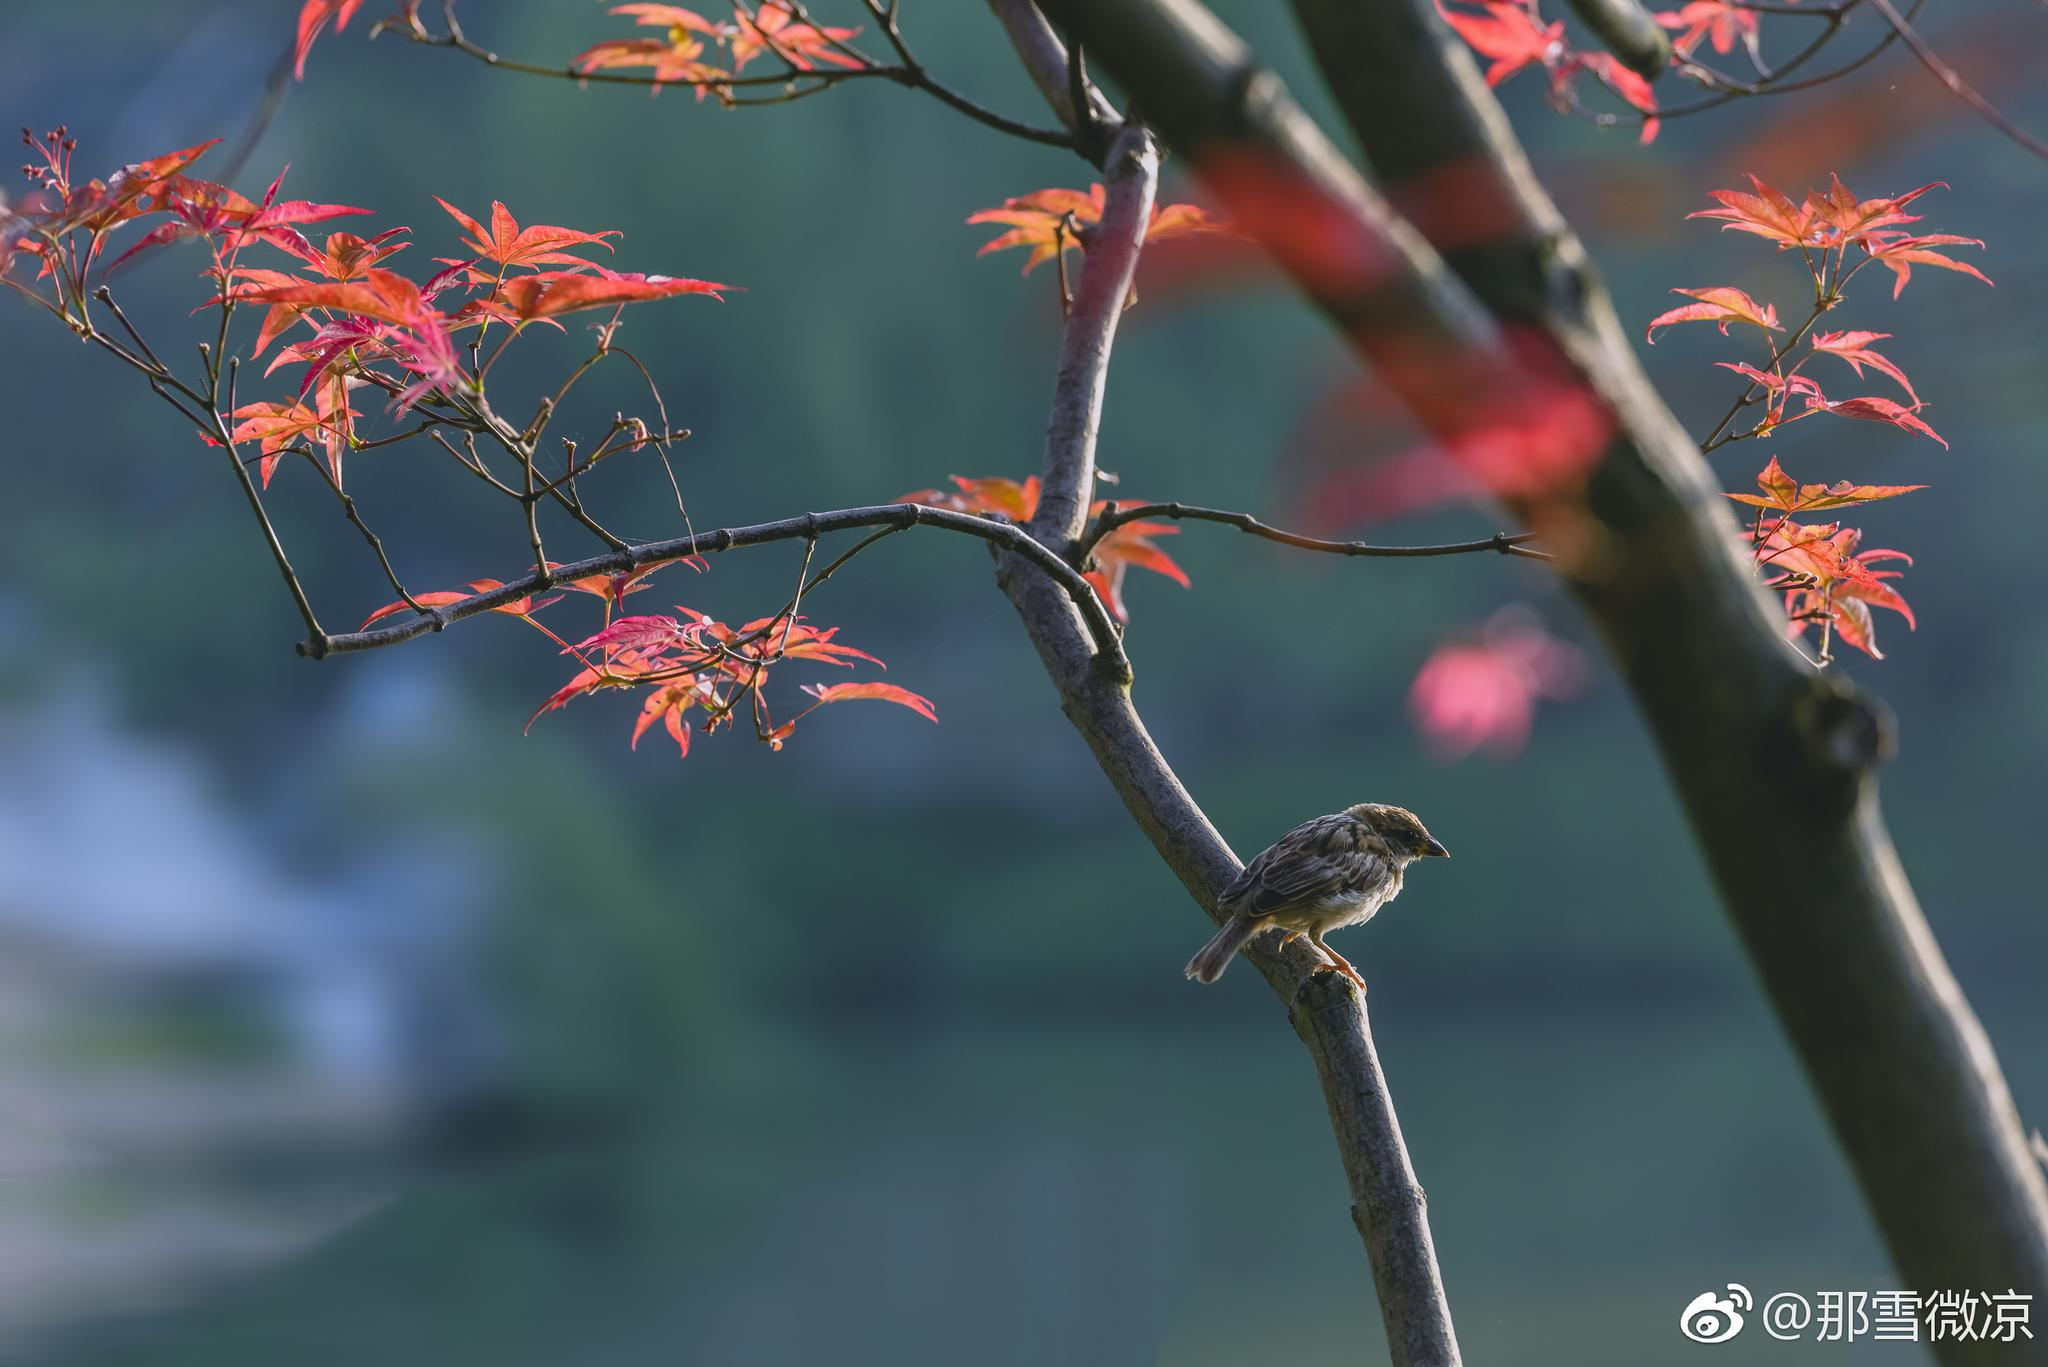 红叶是秋天最好的礼物 瘦西湖